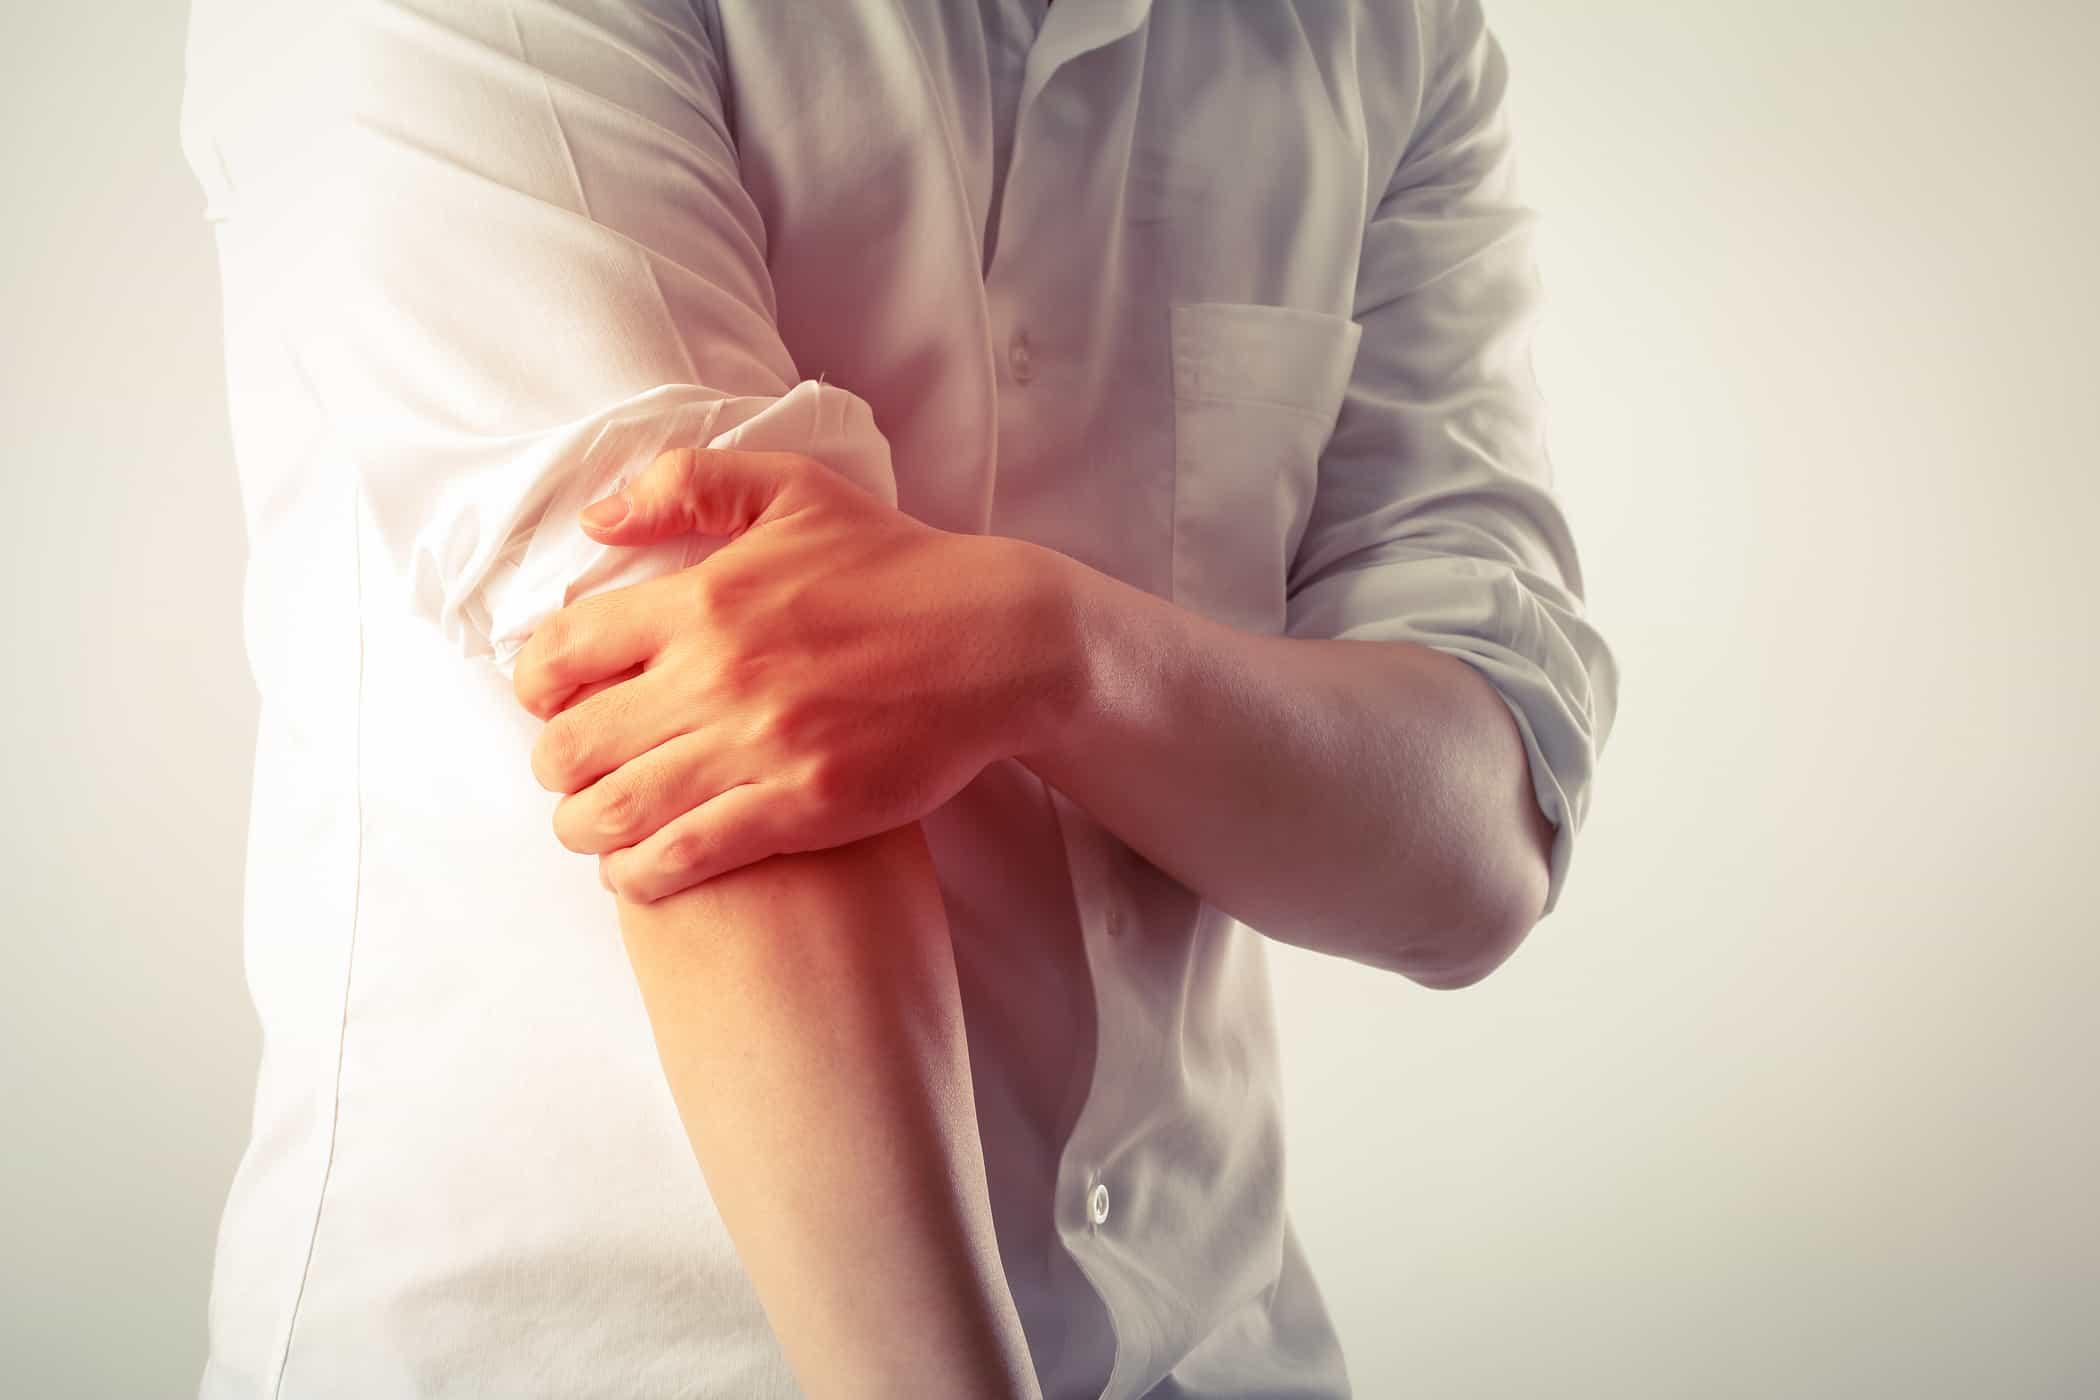 căng cơ là một triệu chứng thường gặp